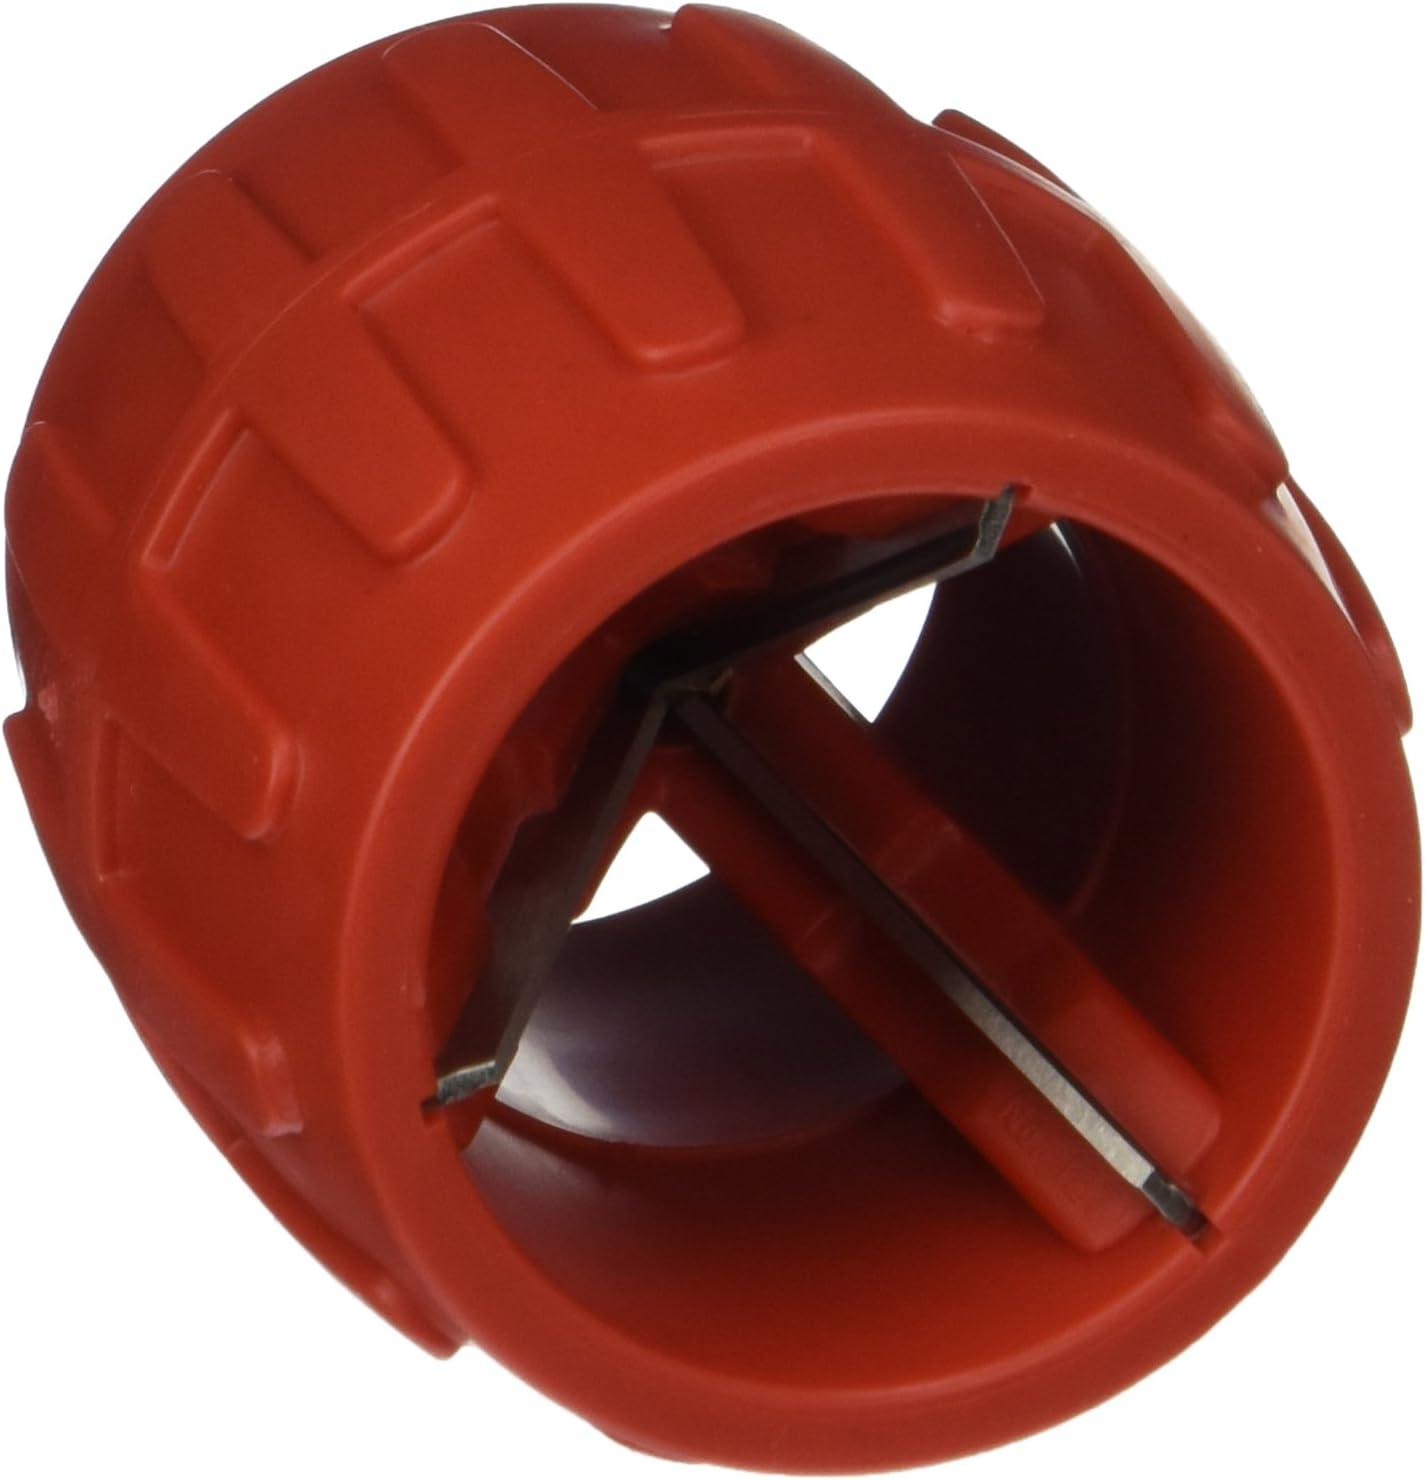 RIDGID Model 127 Inner-outer Reamer 34965 for sale online